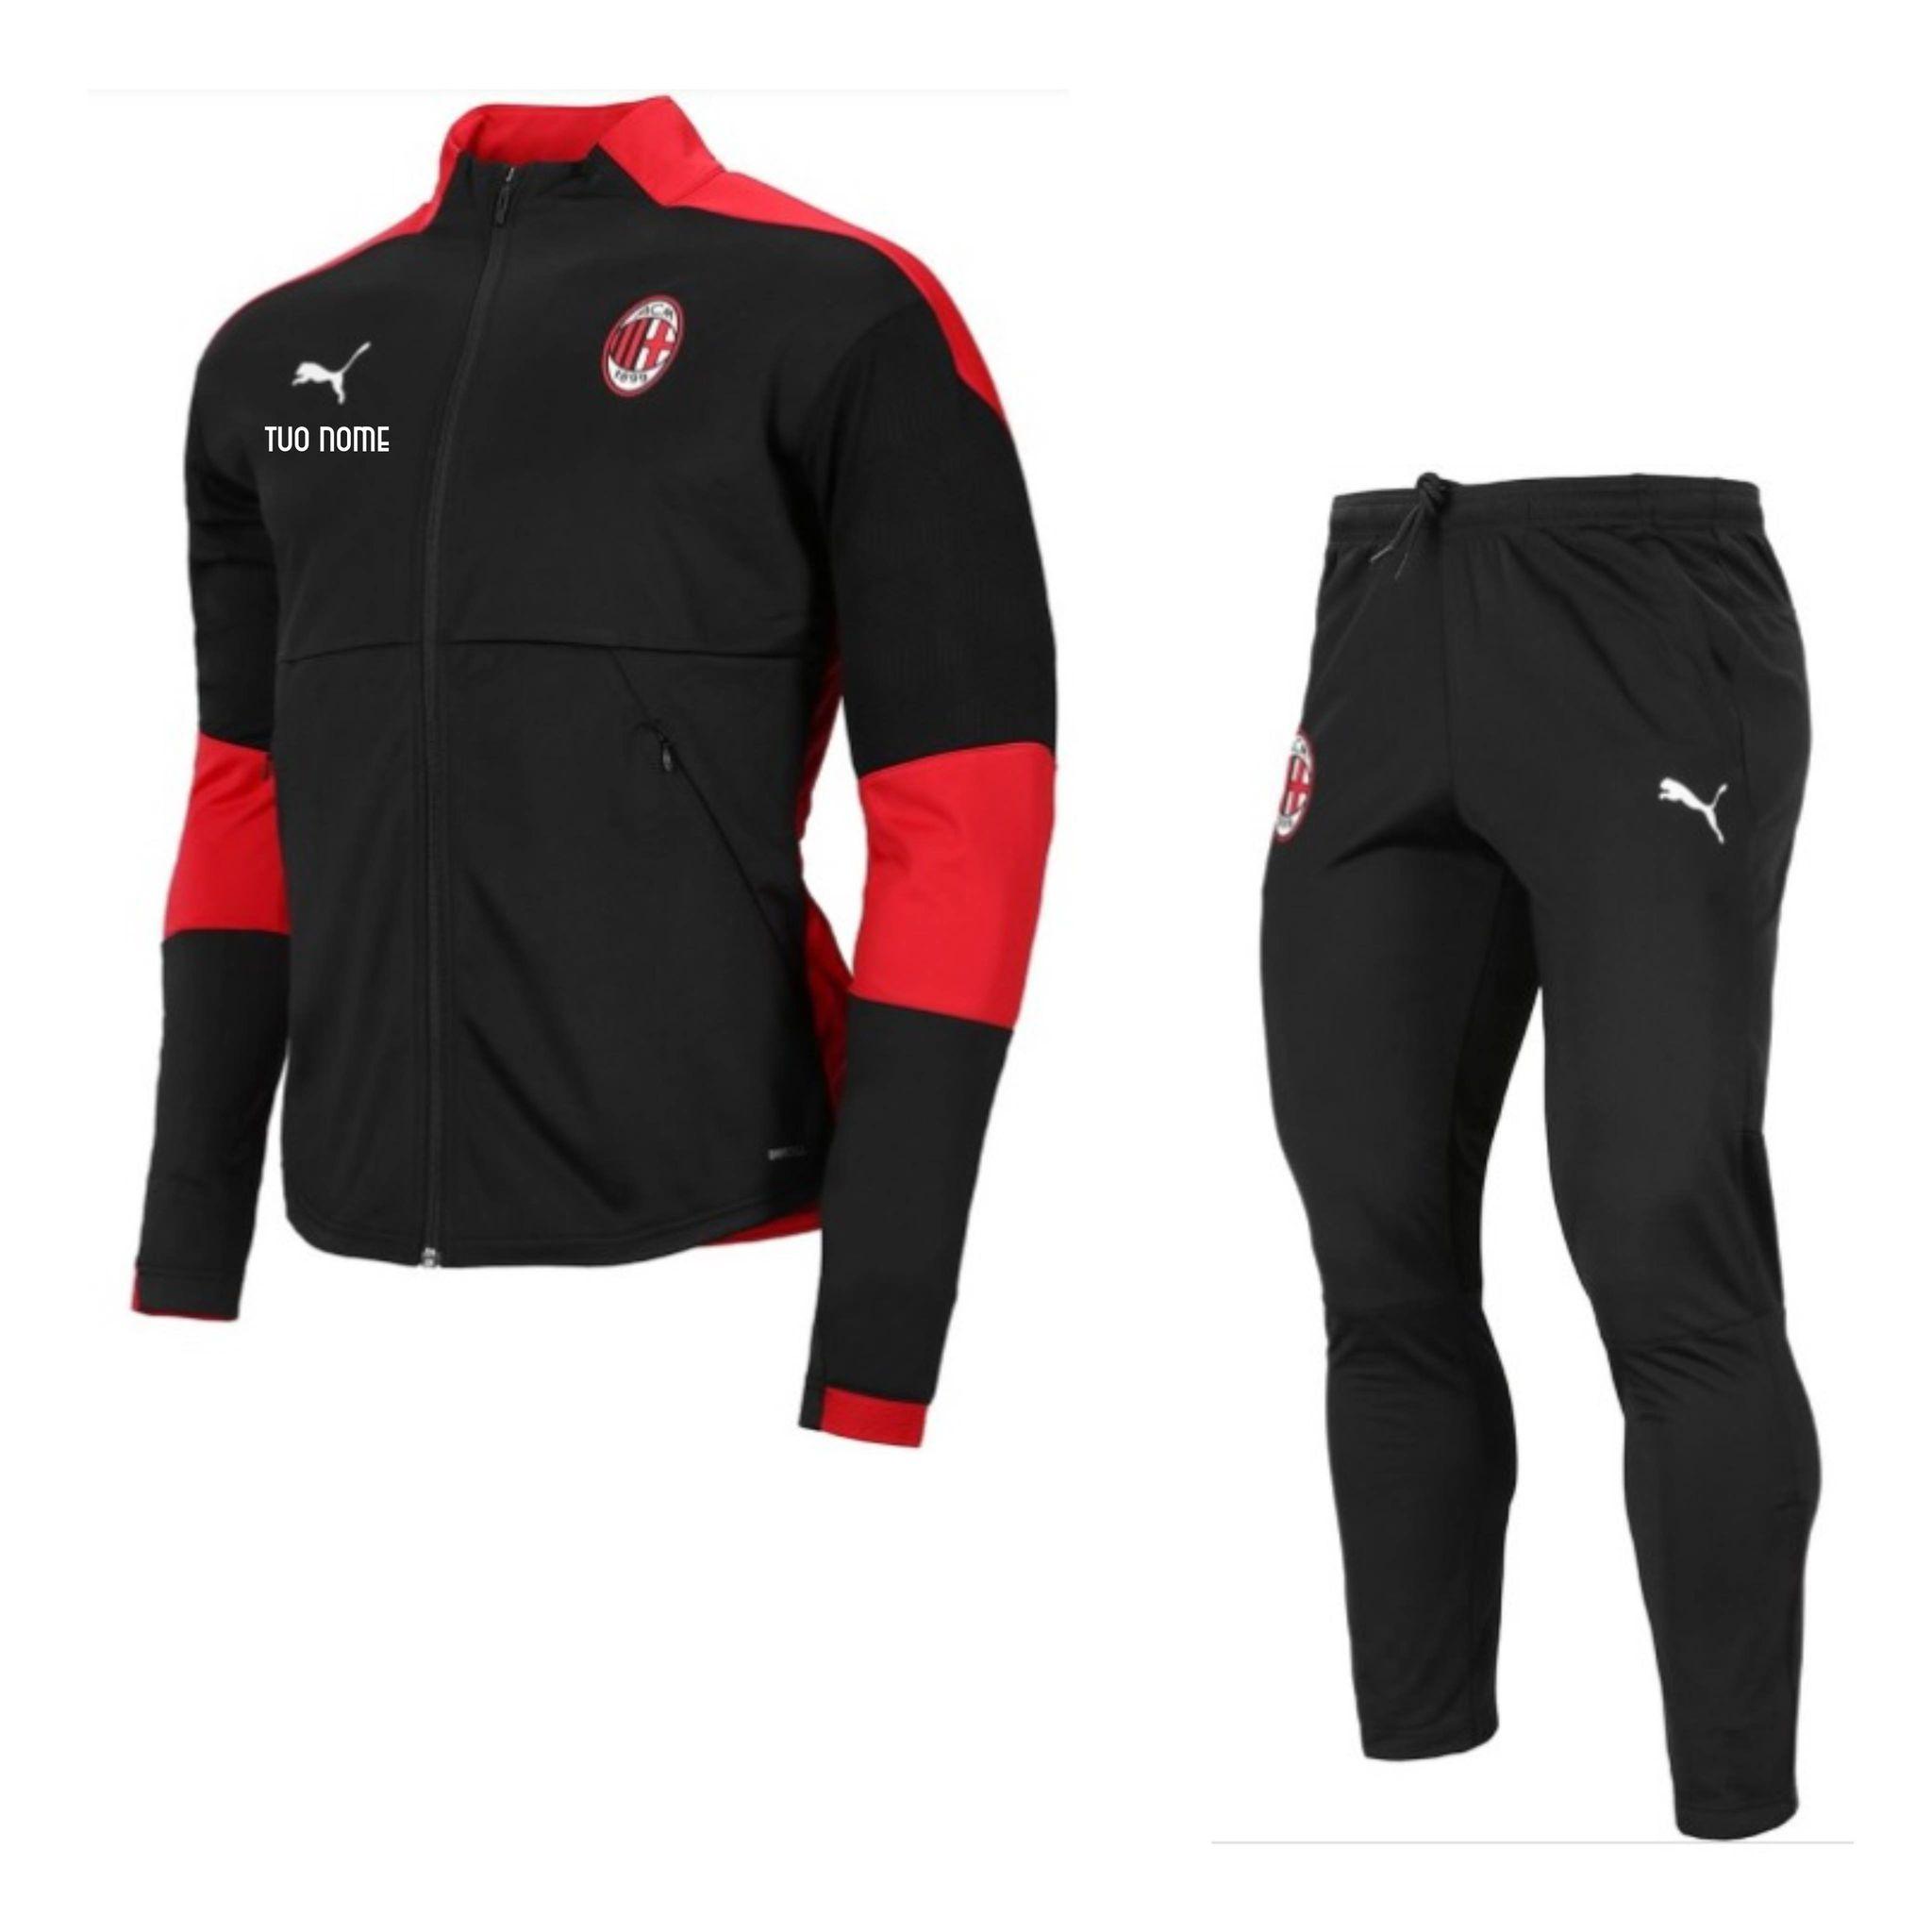 Tuta Rappresentanza Nera Ufficiale Puma A.C. Milan 2020/2021